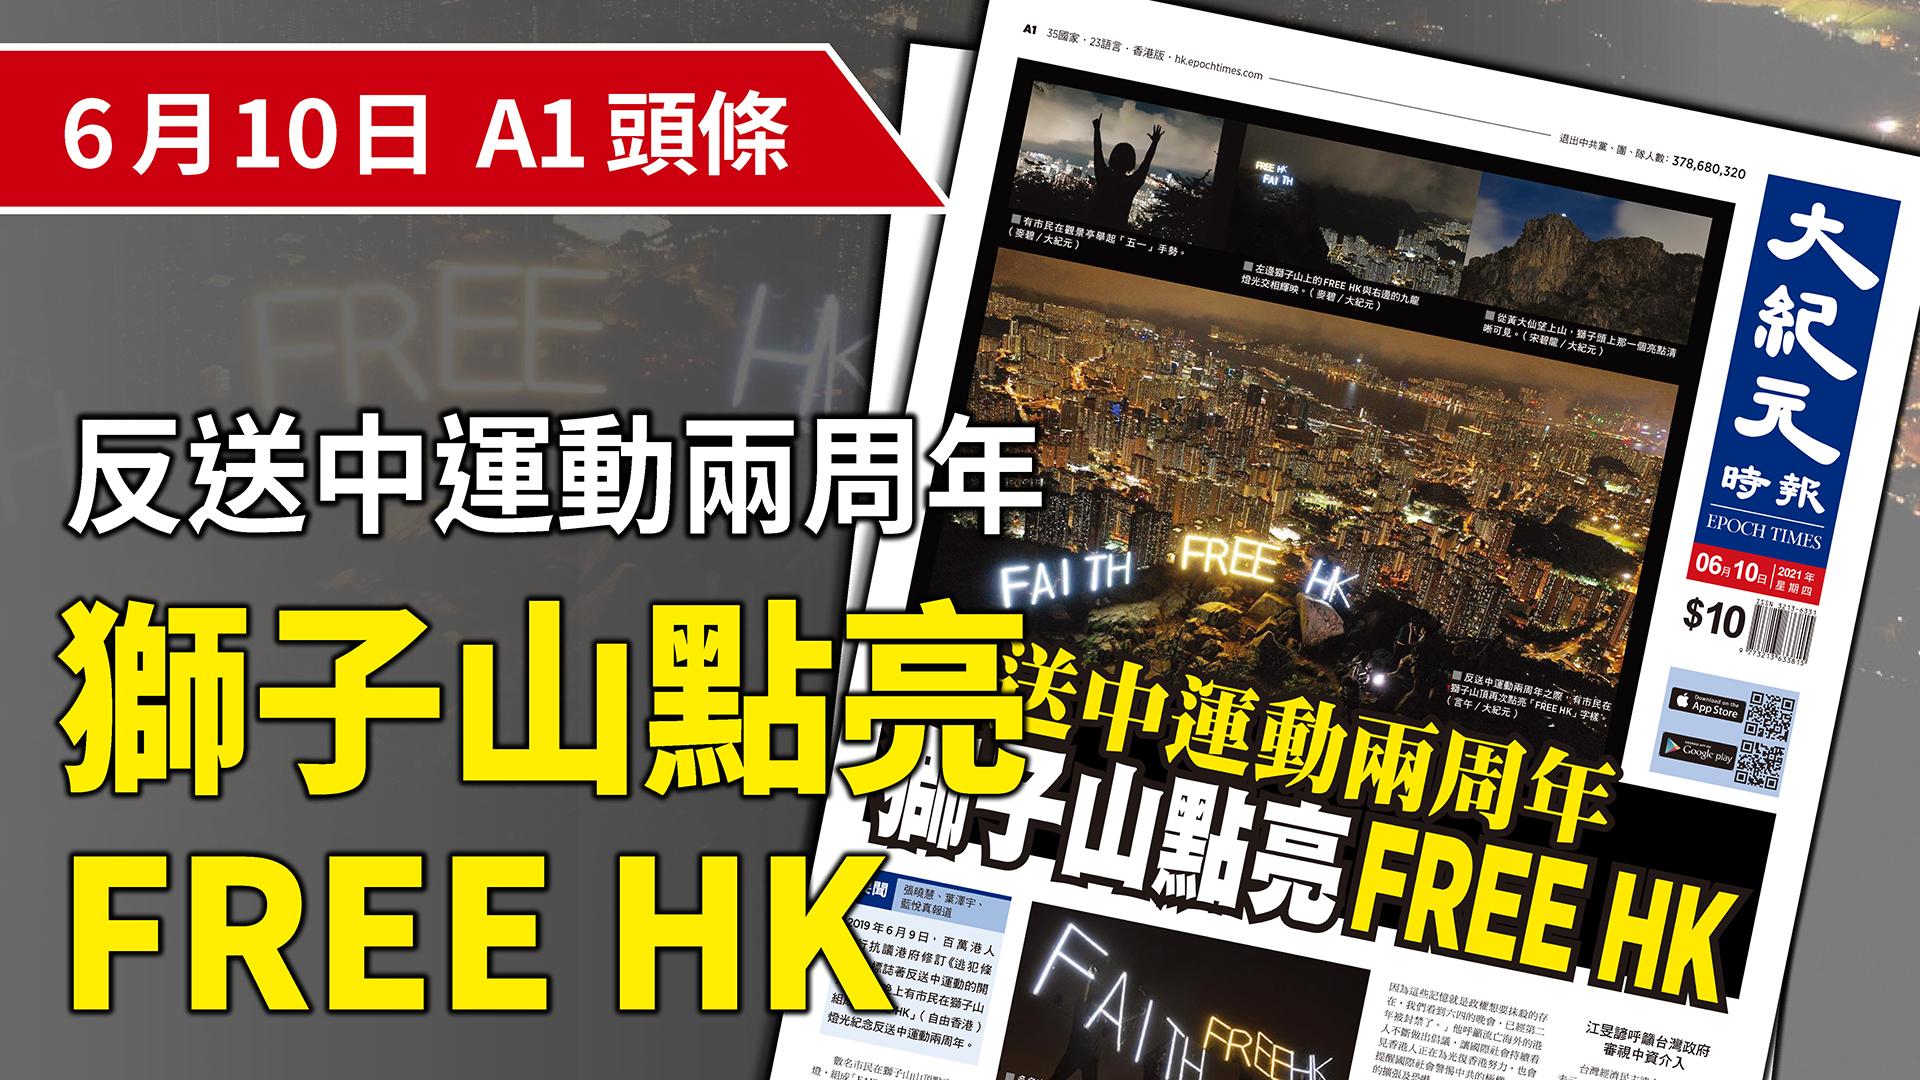 反送中運動兩周年之際,有市民在獅子山頂再次點亮「FREE HK」字樣。(言午/大紀元)